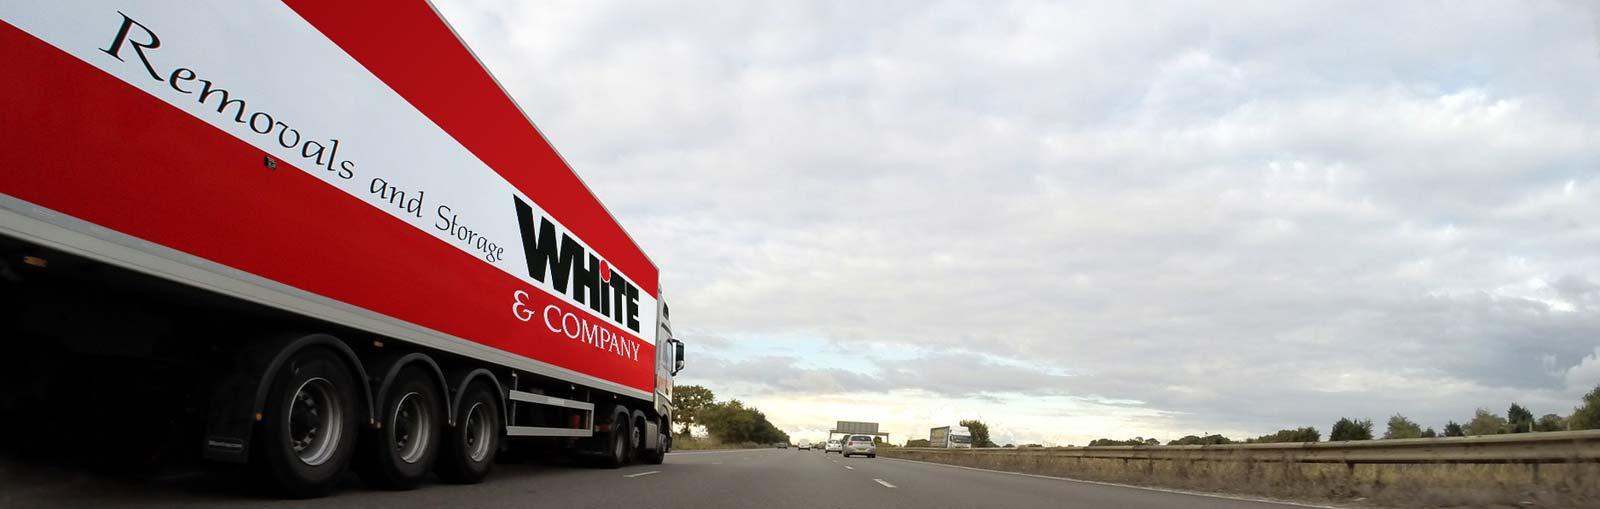 White & Co Truck En Route